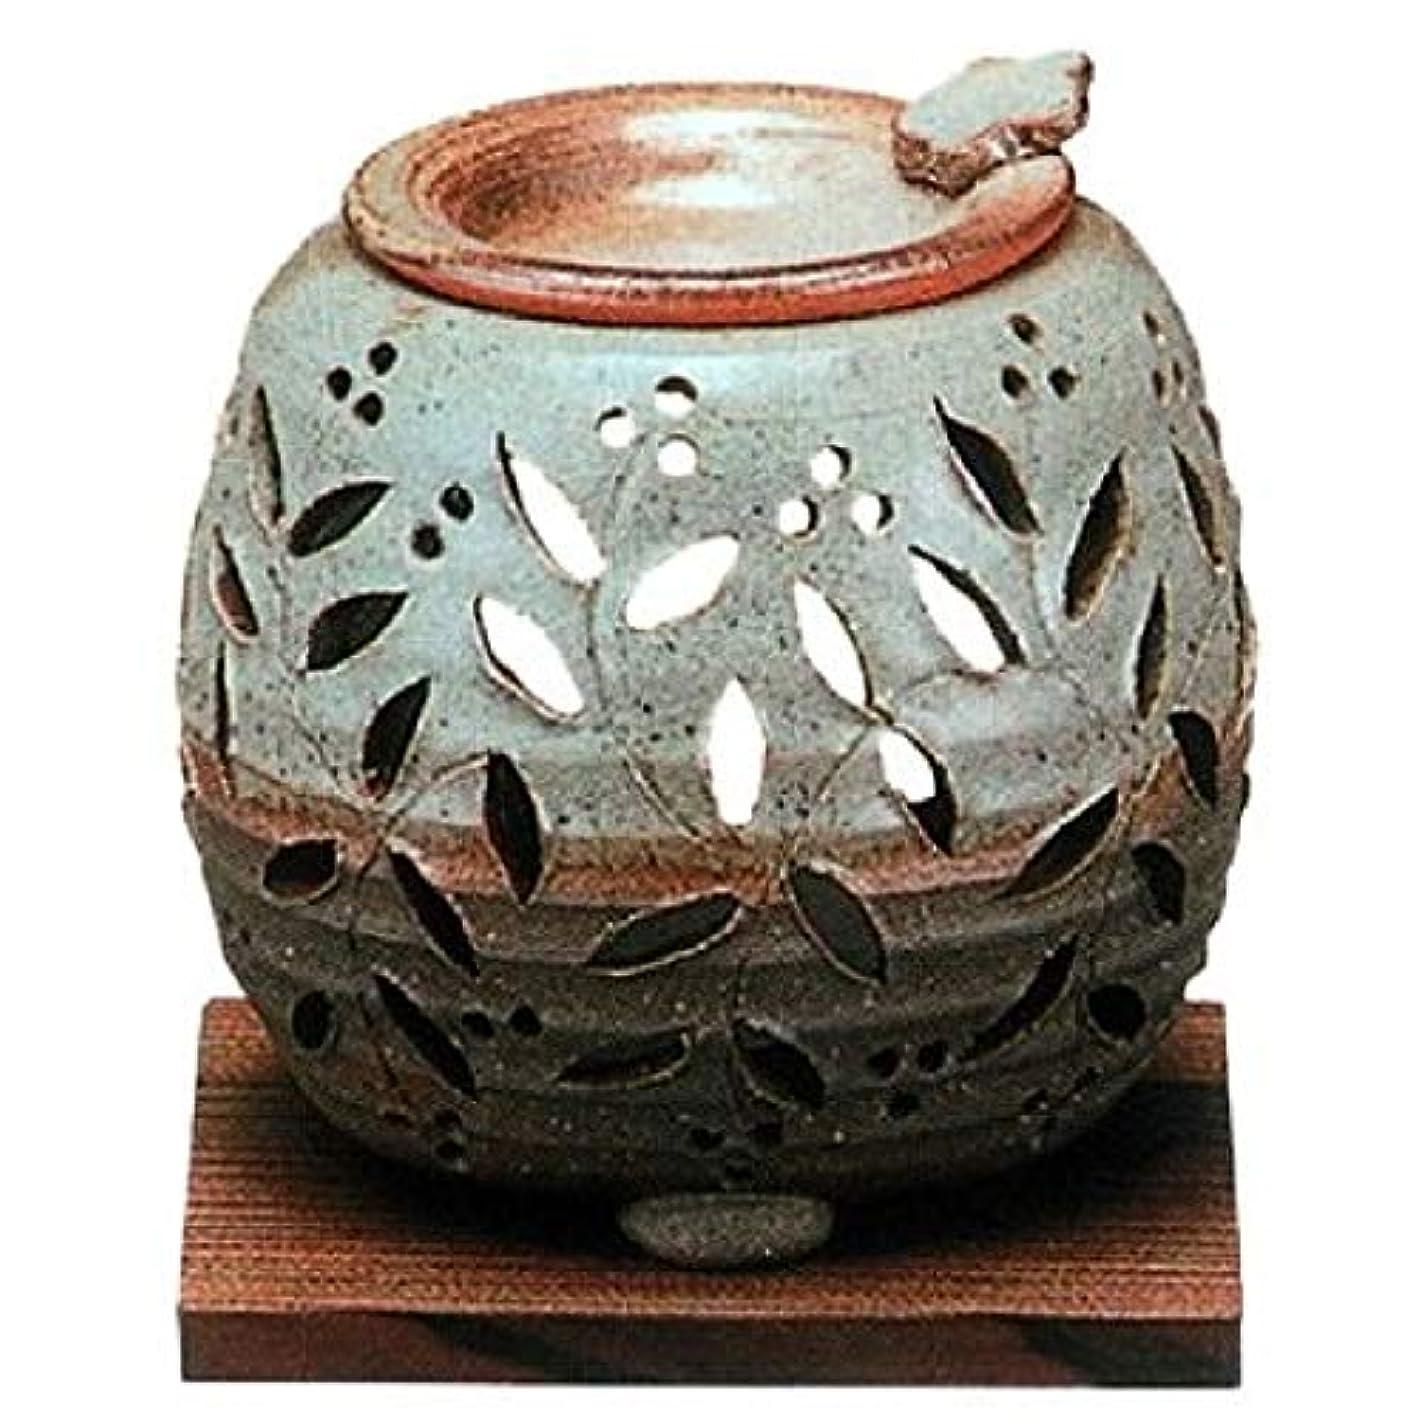 人工的なチャネルキー常滑焼?石龍窯 カ38-10 茶香炉 焼杉板付 径10×10cm